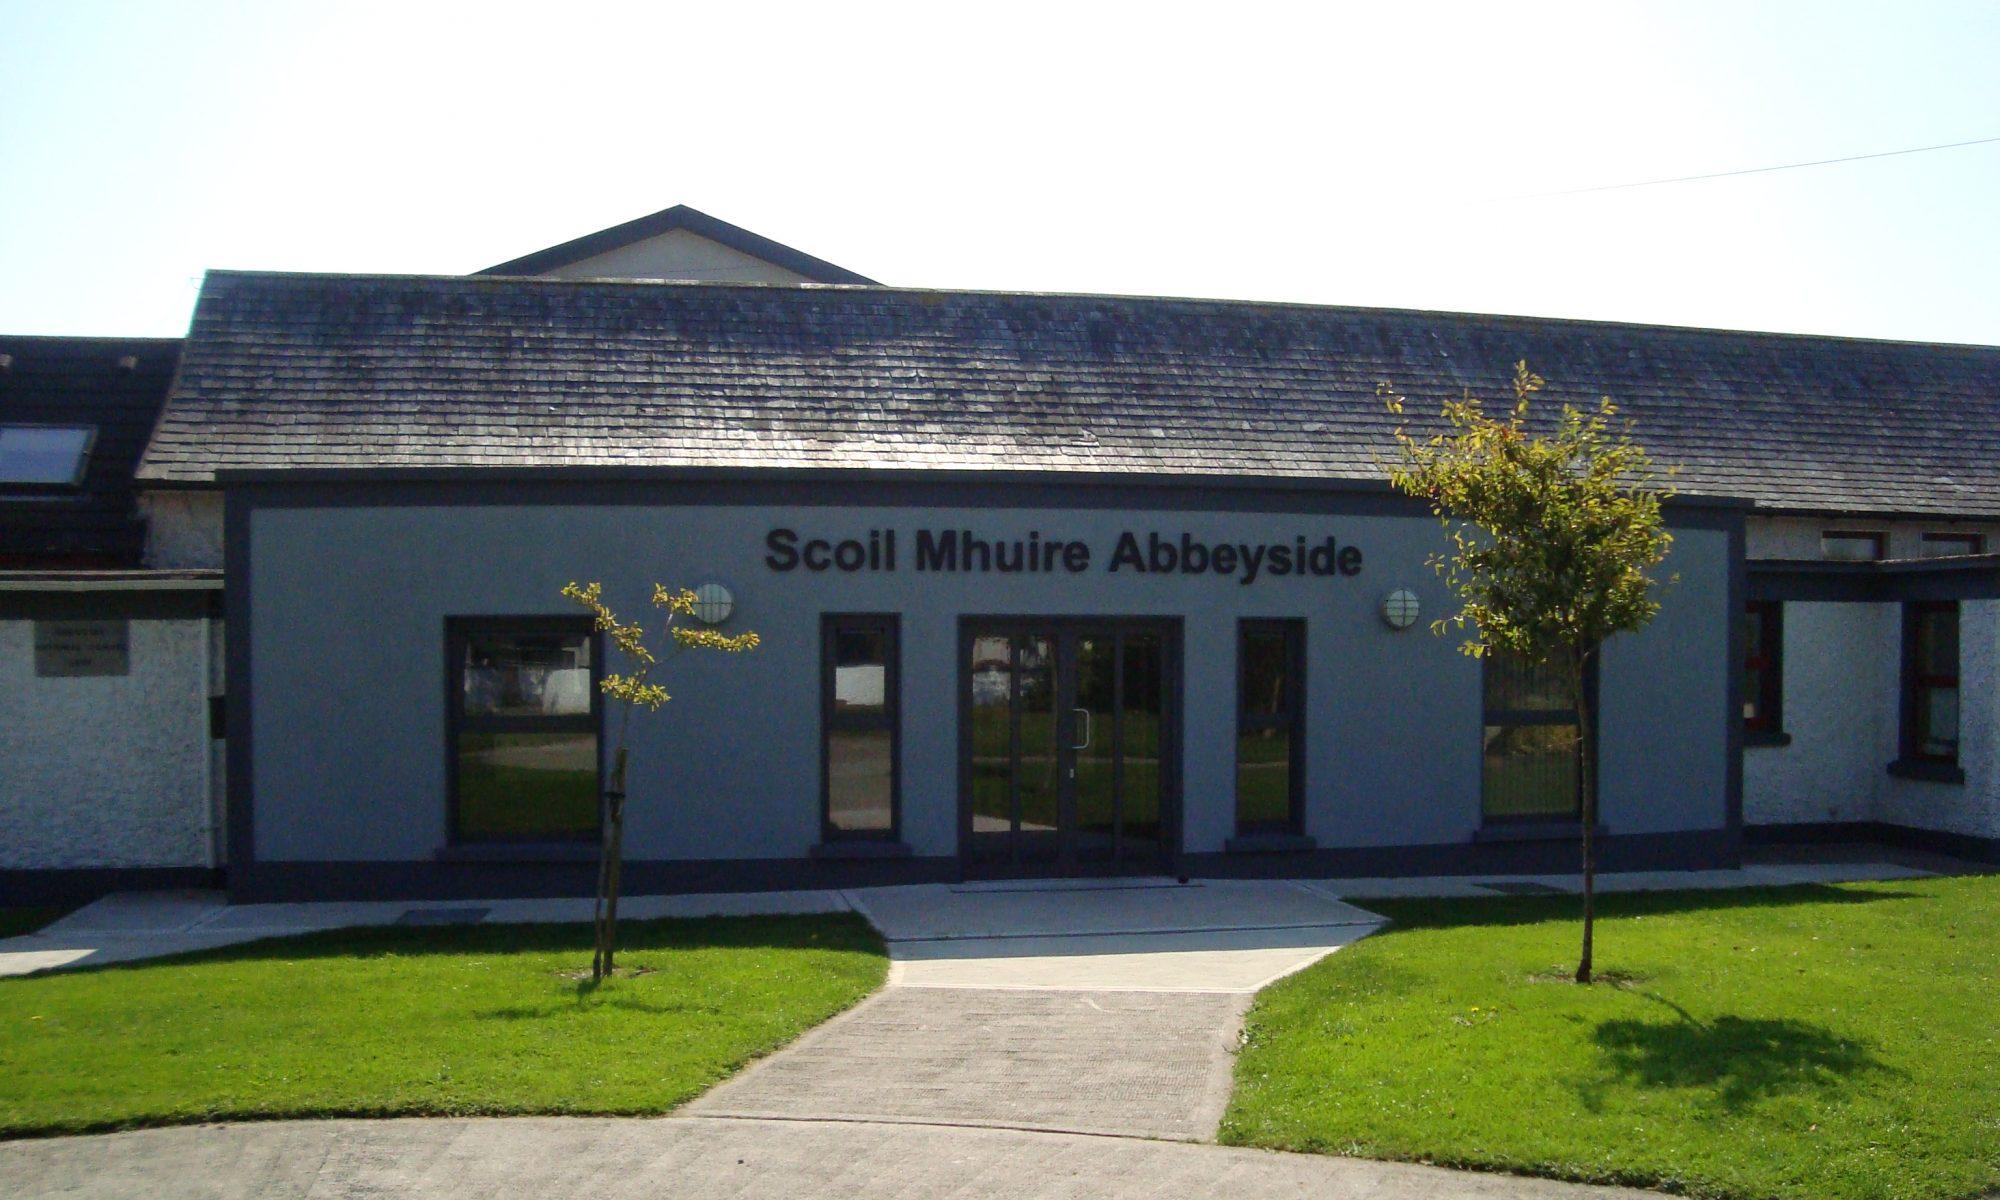 Scoil Mhuire Abbeyside